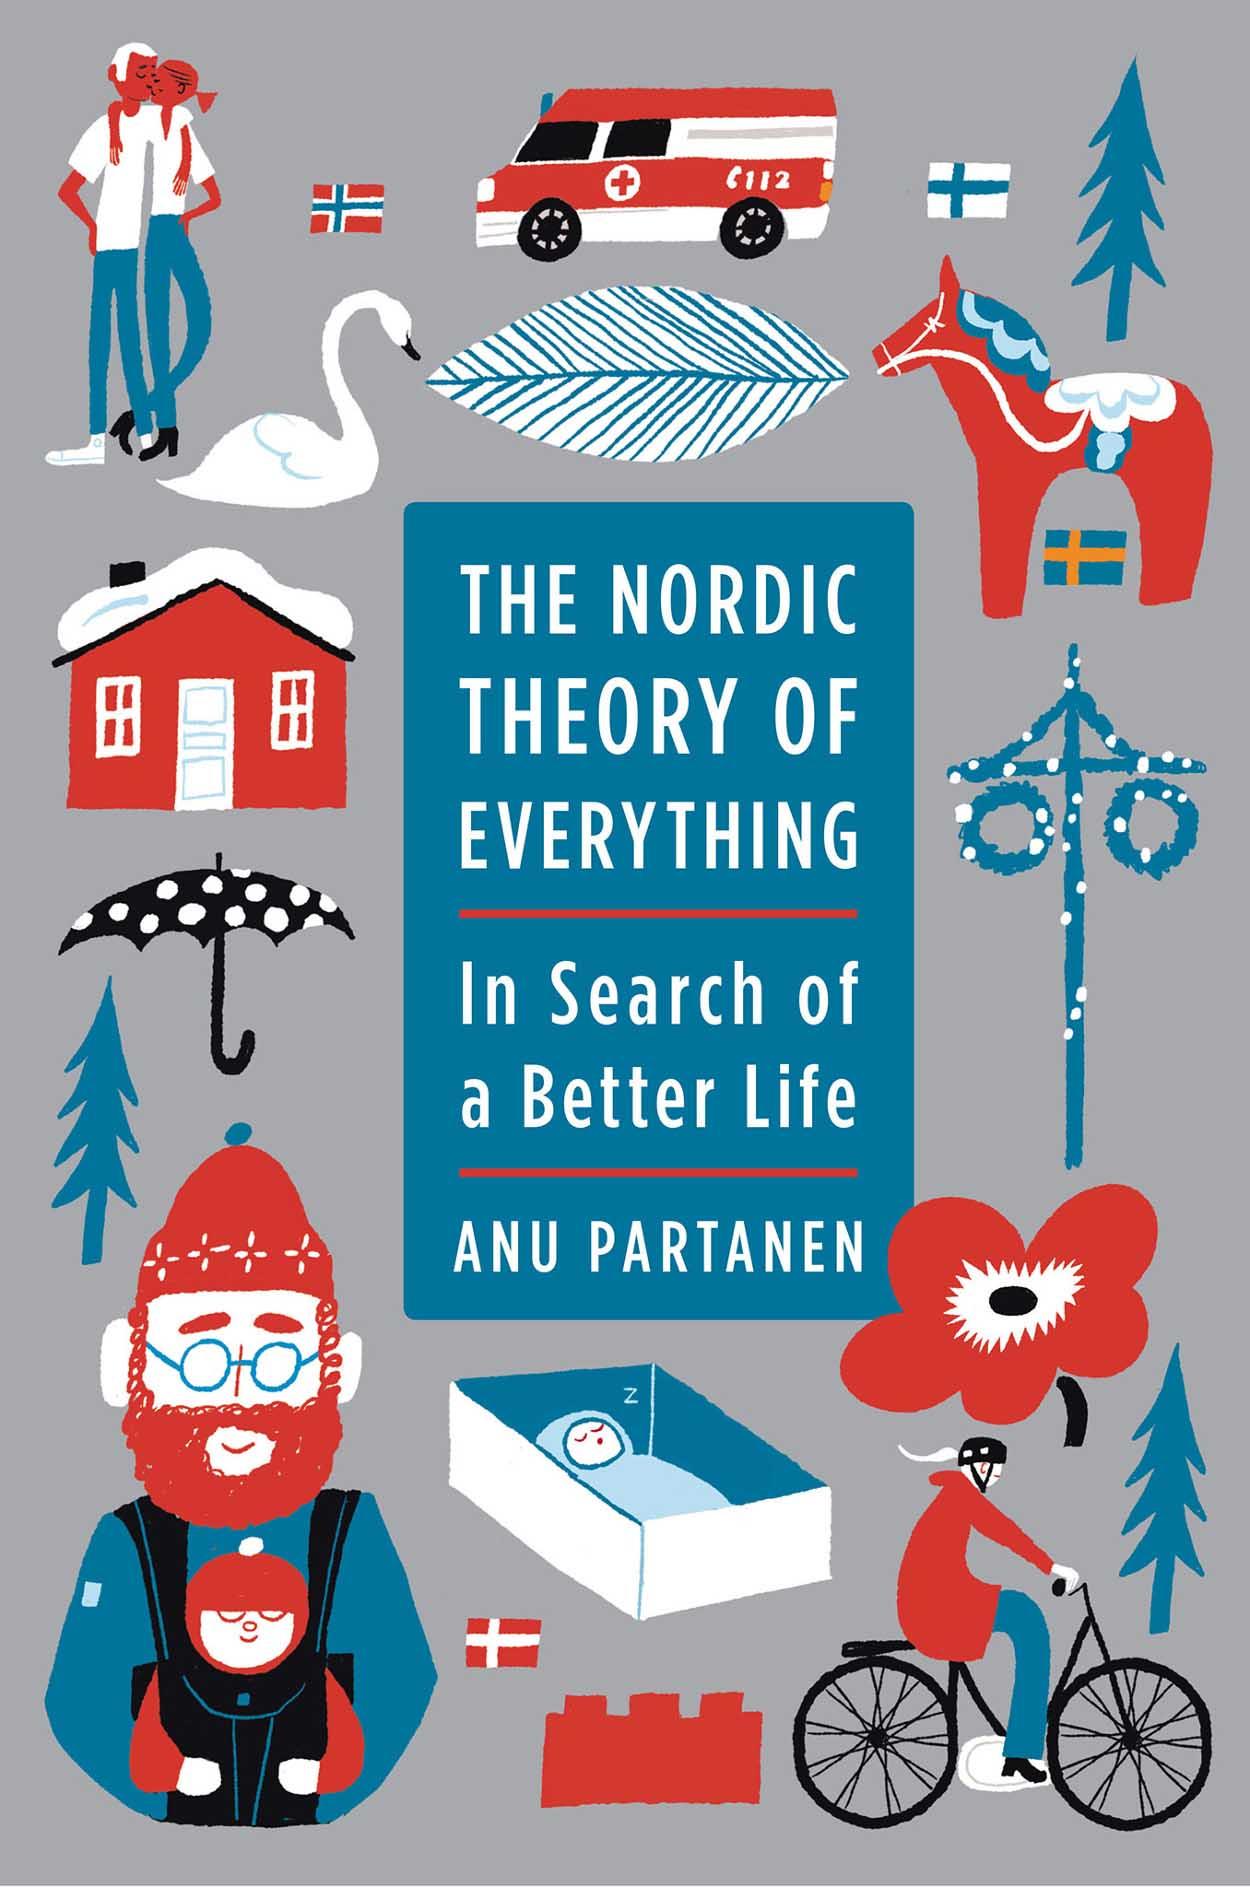 Mitä jenkit voisivat oppia pohjoismaista – The Nordic Theory of Everything